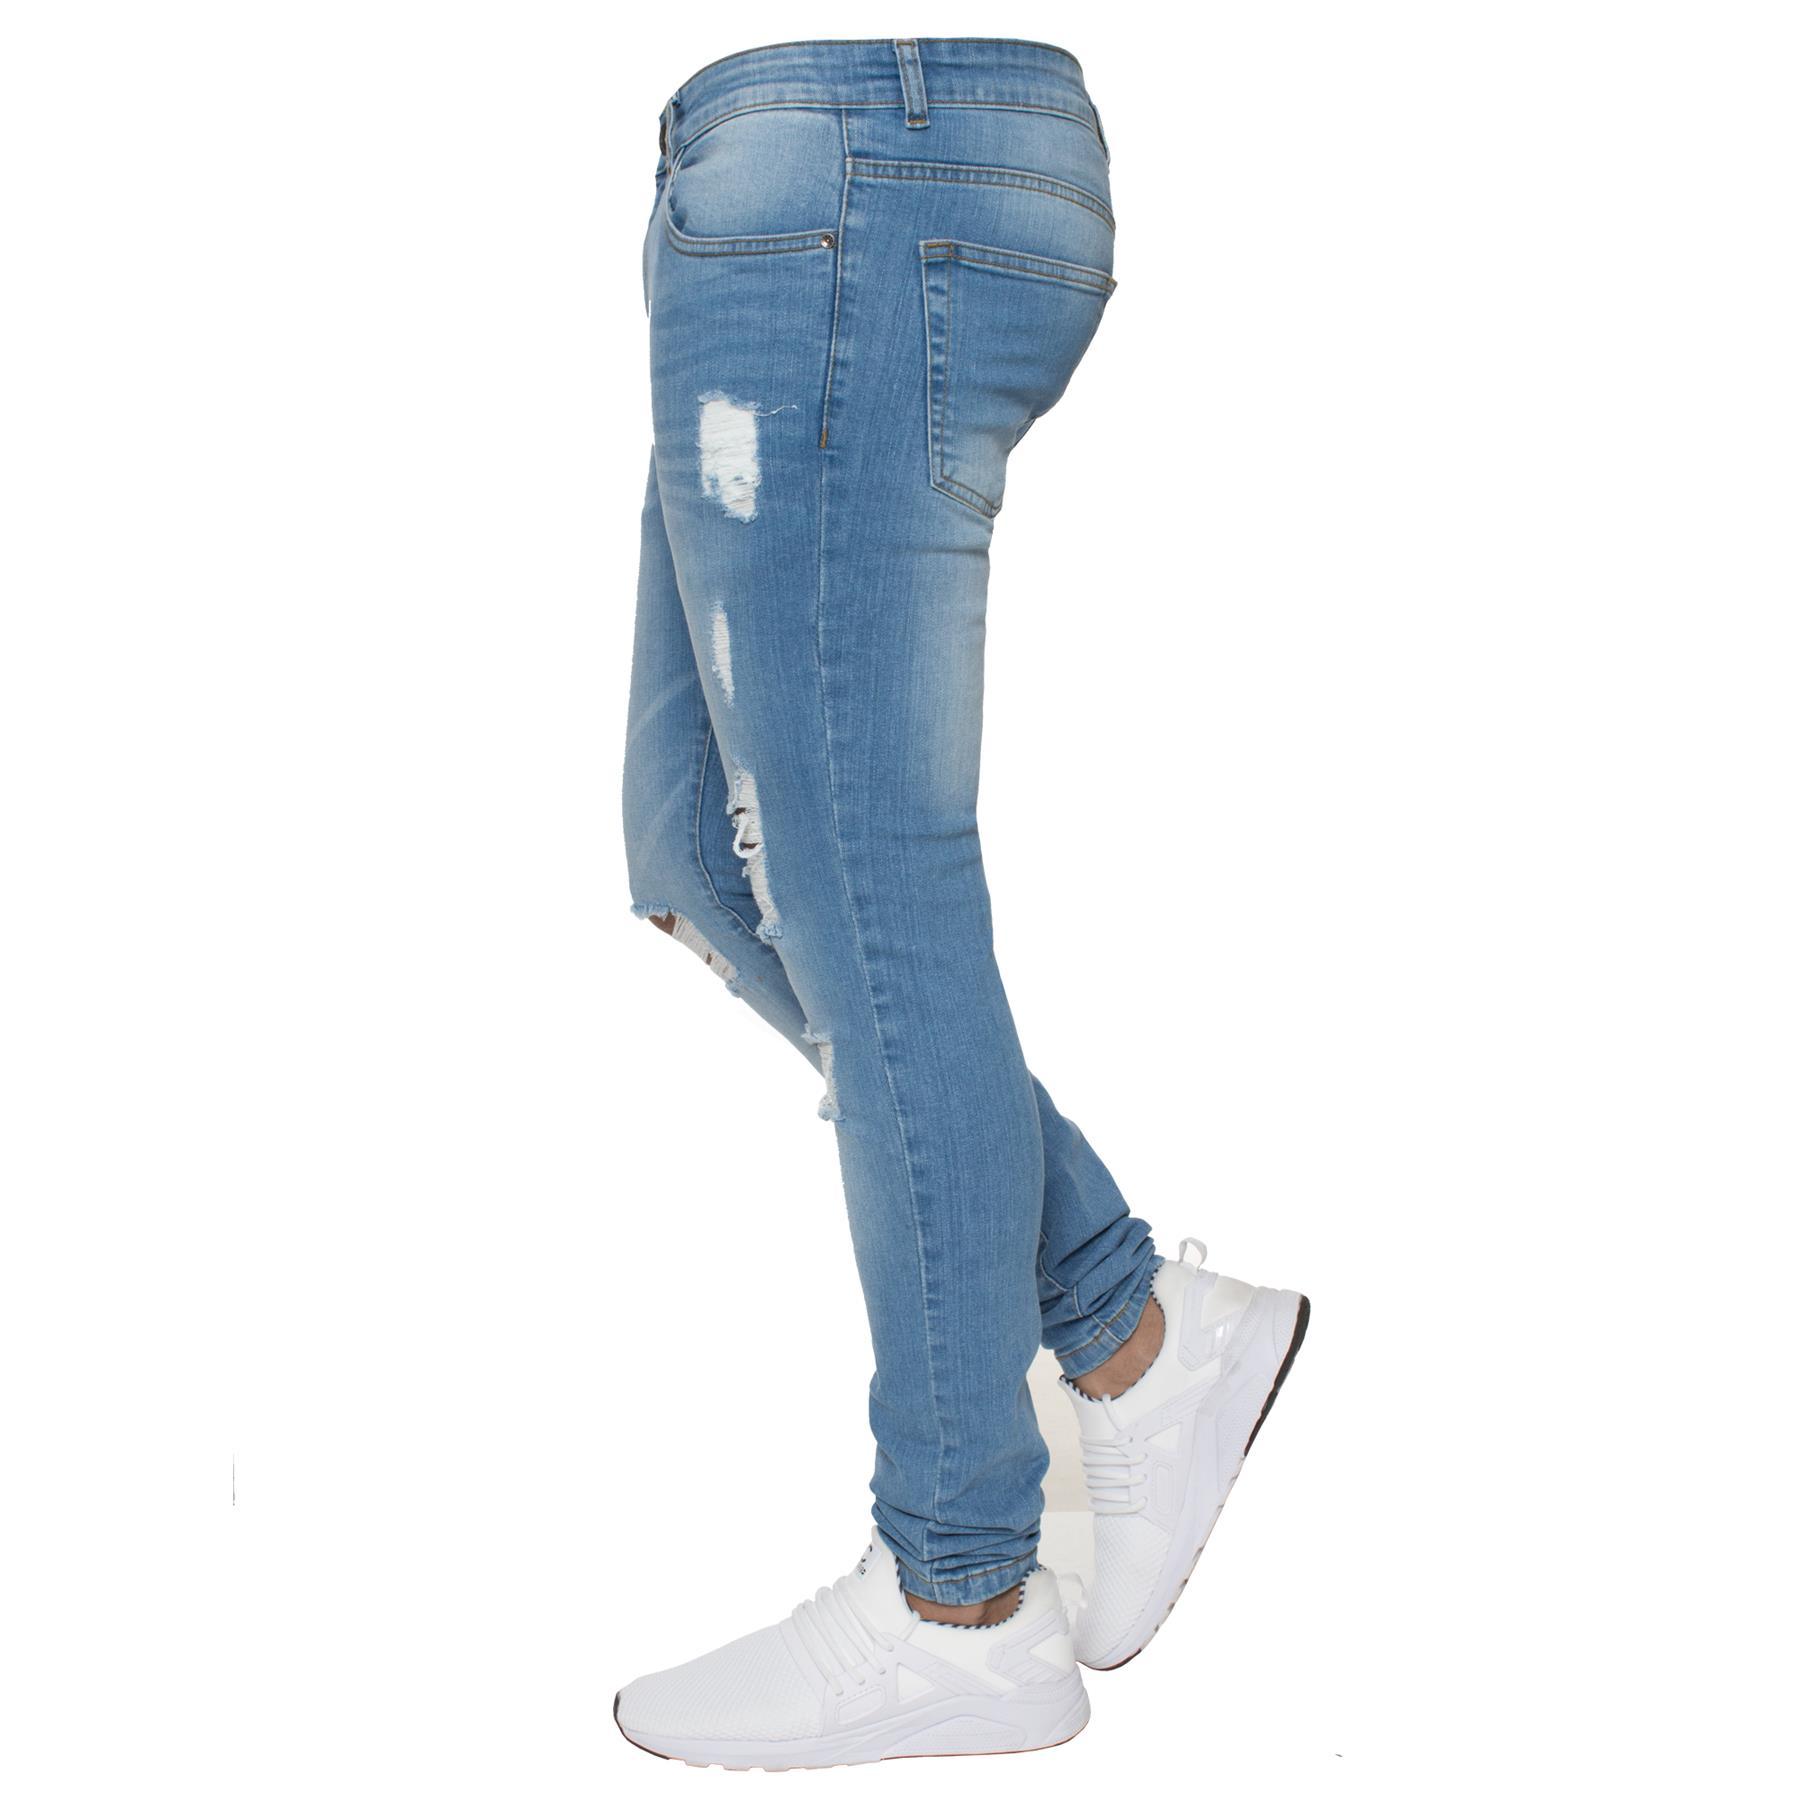 Para-hombre-Super-Skinny-Ripped-Jeans-Pantalones-Ajustados-desgastados-Denim-Envejecido-Todas miniatura 12